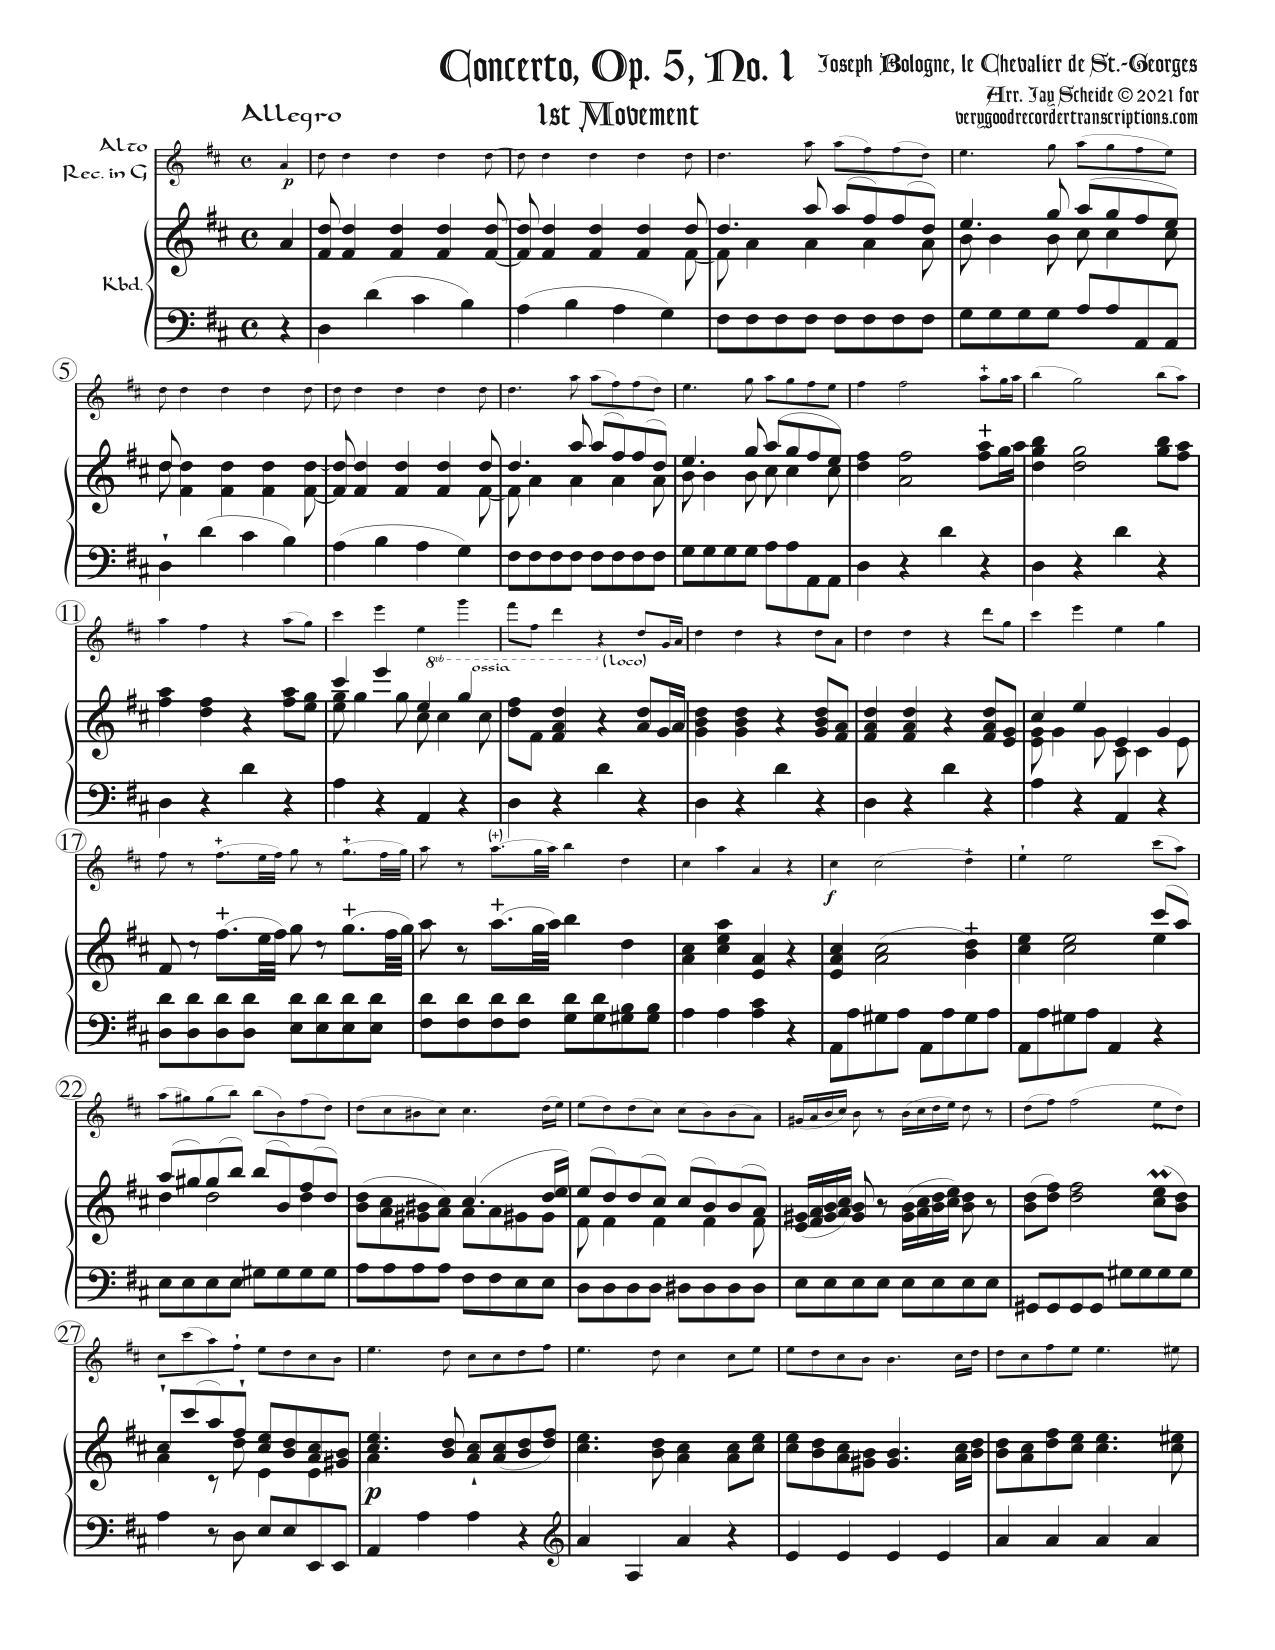 Concerto, Op. 5, No. 1